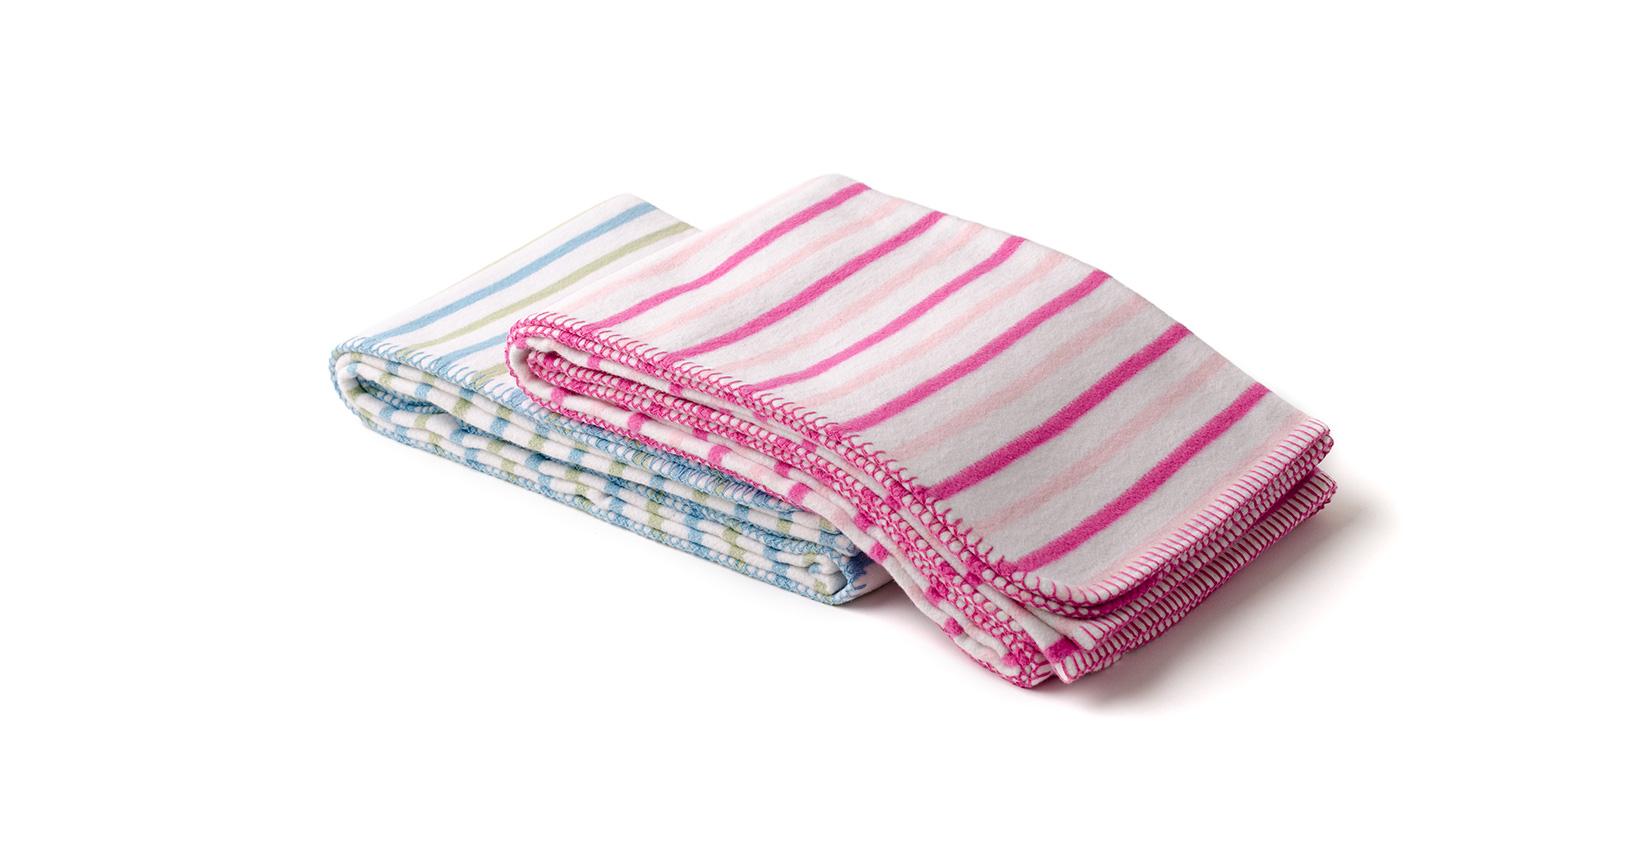 Baby blankets, cobertores bebé - Calypso